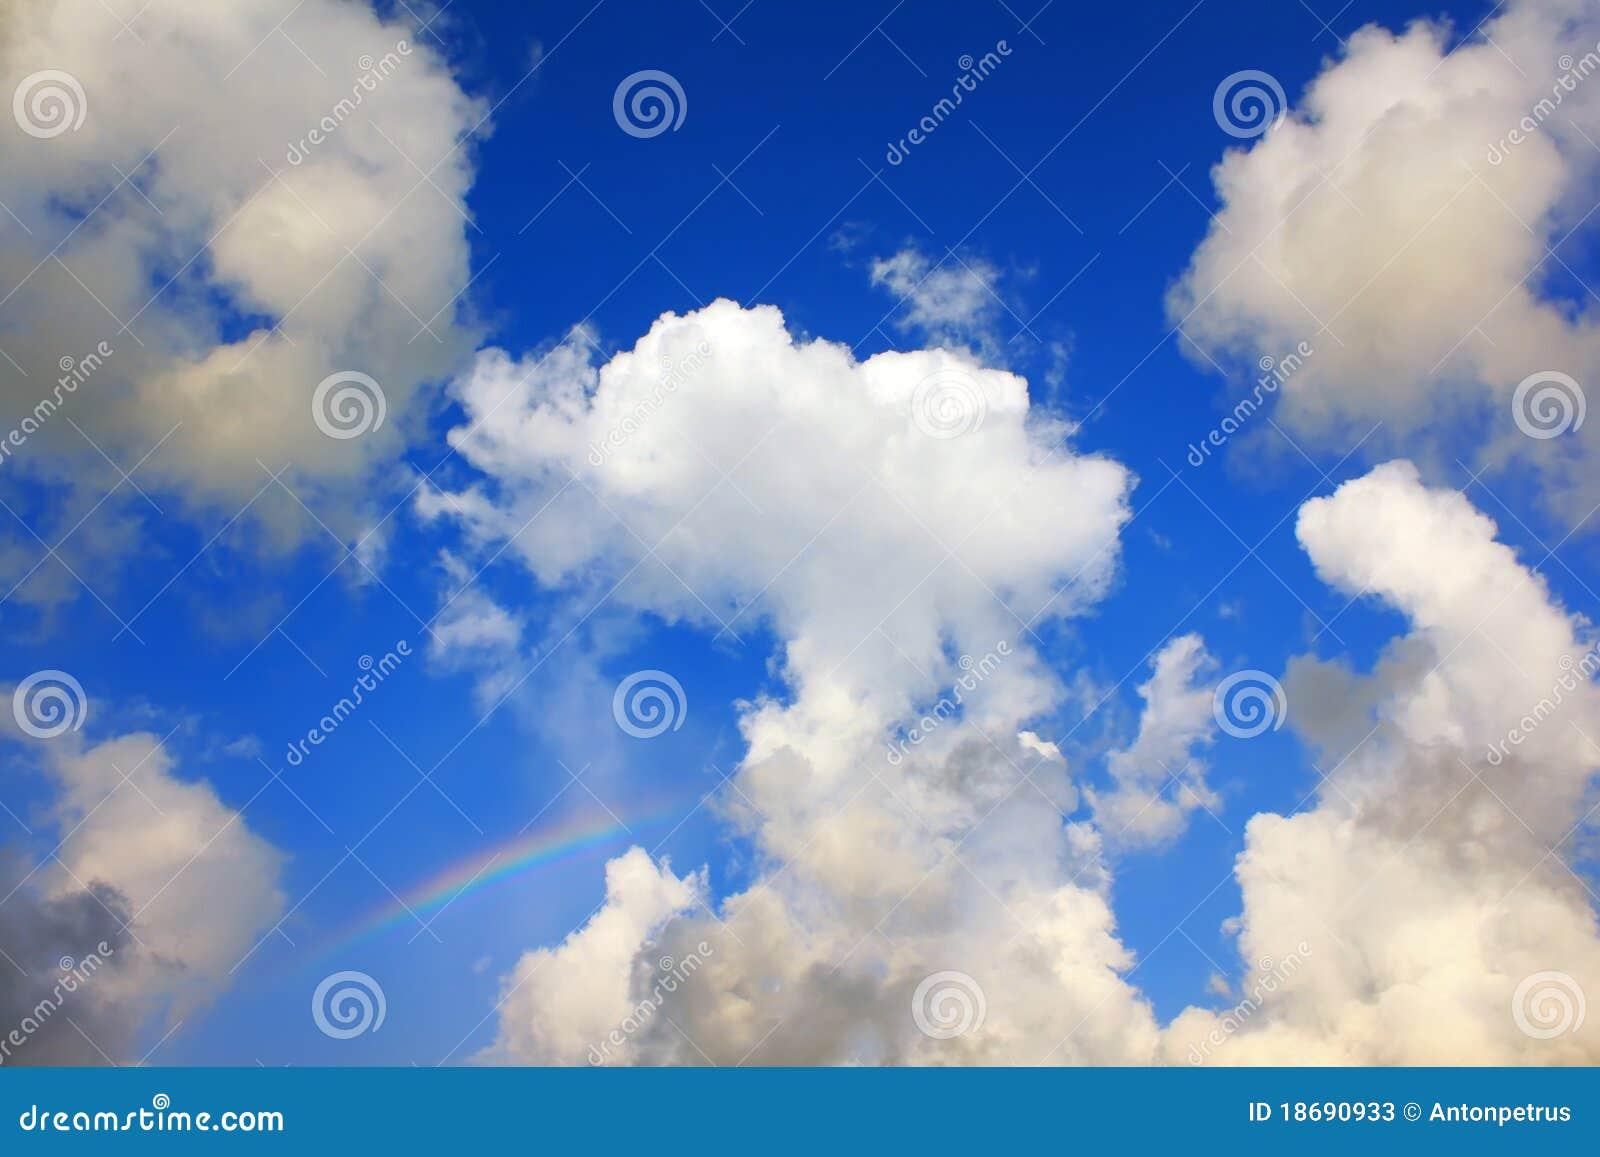 Ausgezeichnet Blauer Himmel Leitfaden Zum Schreiben Fortsetzen Fotos ...